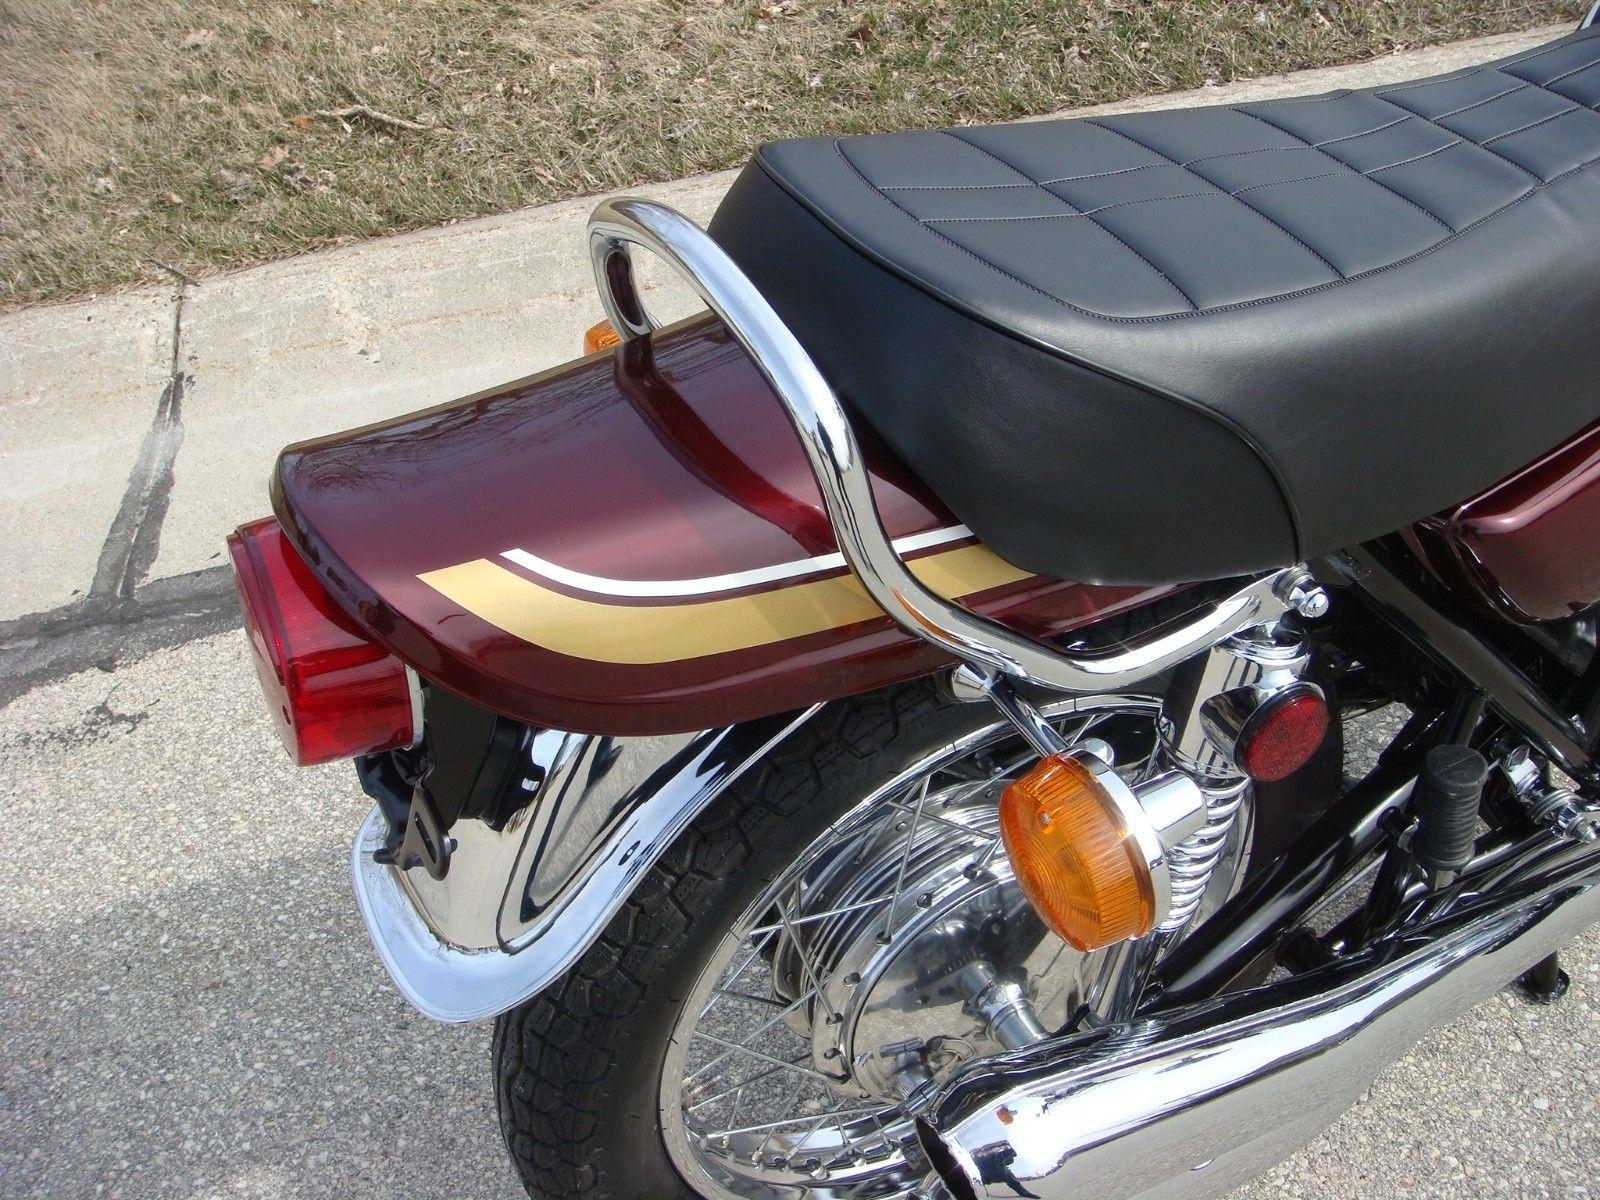 Kawasaki Z900 - 1975